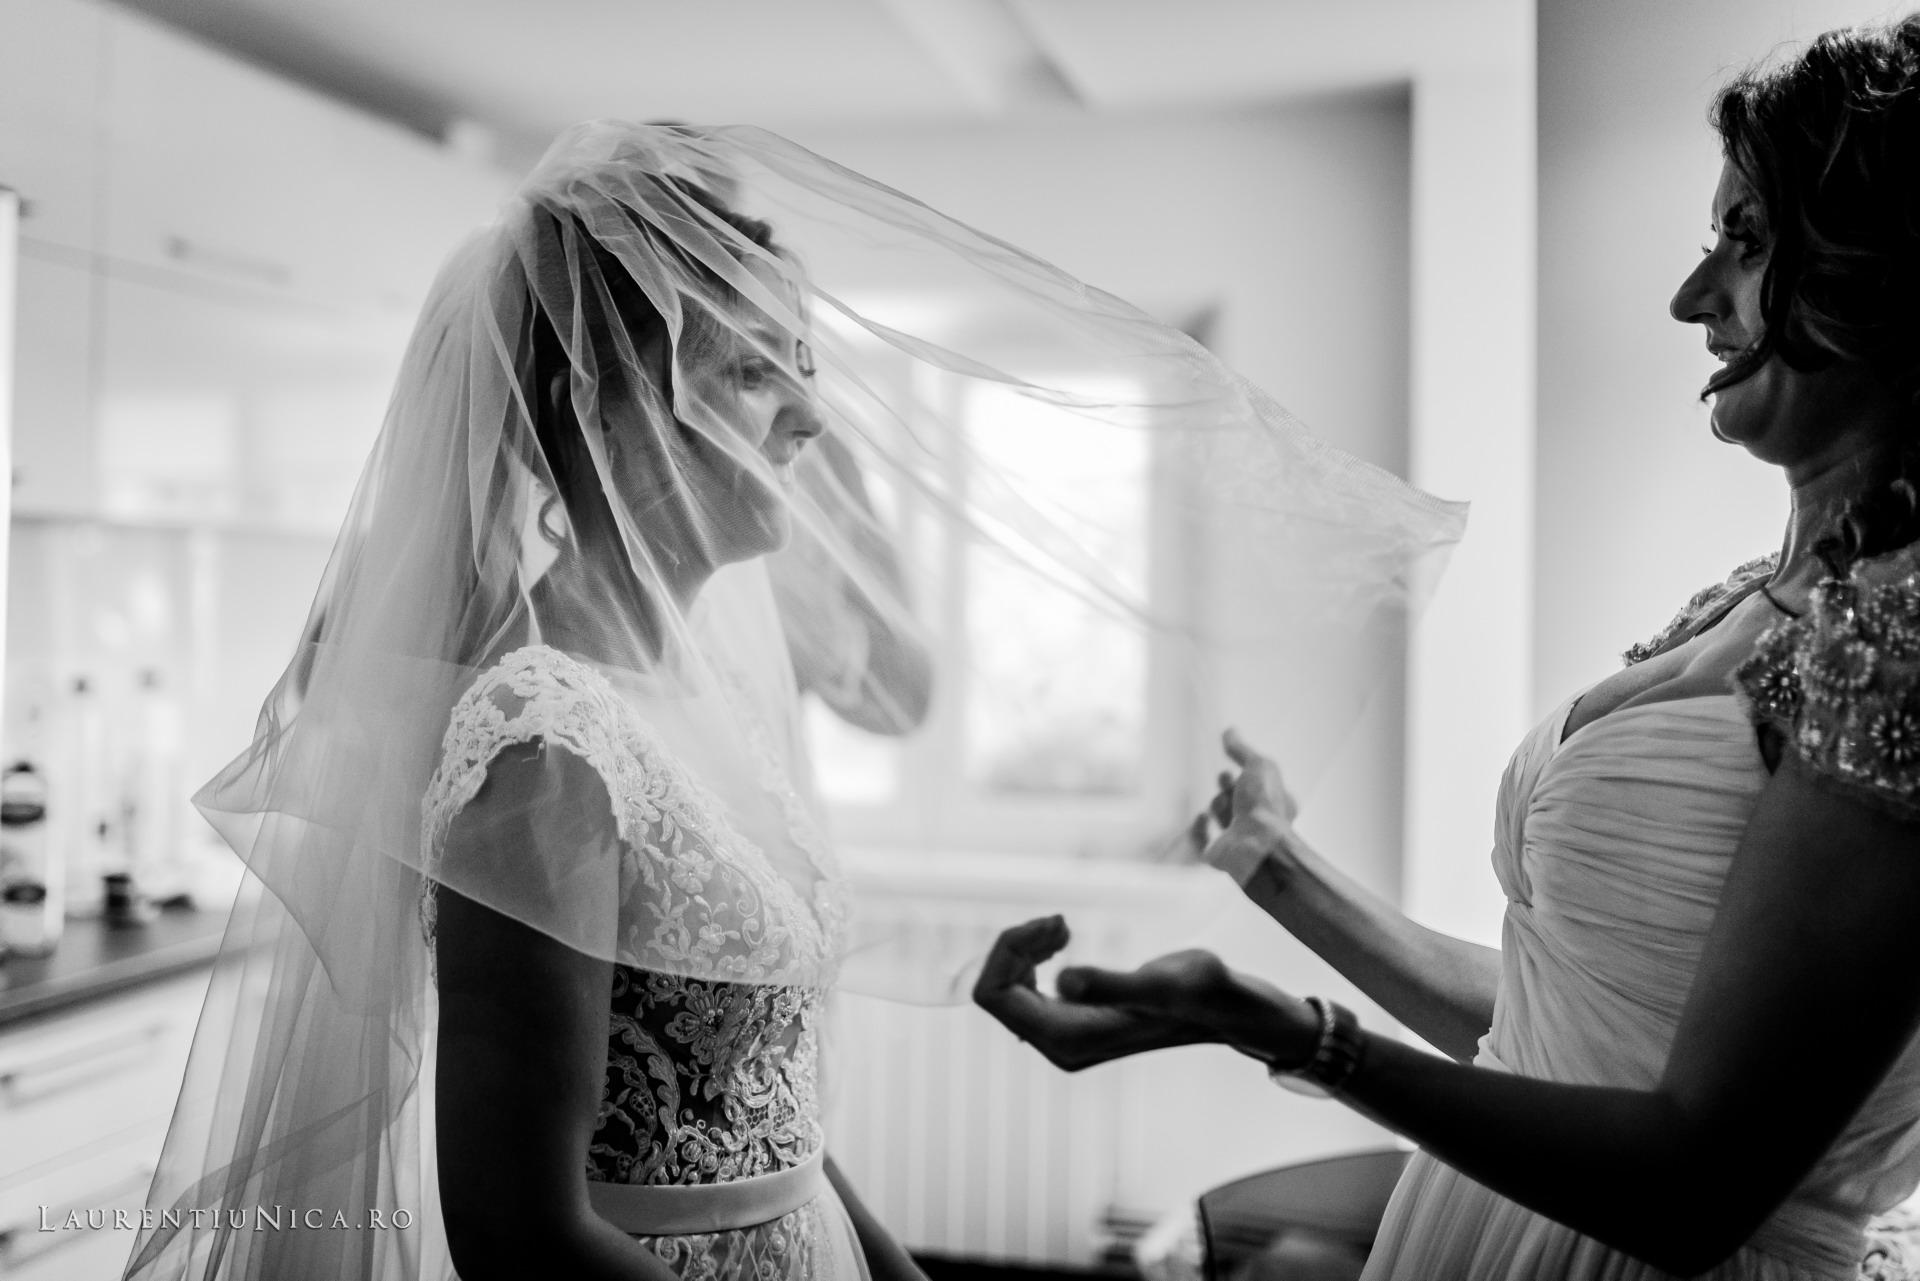 carolina si sorin craiova fotograf nunta laurentiu nica23 - Carolina & Sorin | Fotografii nunta